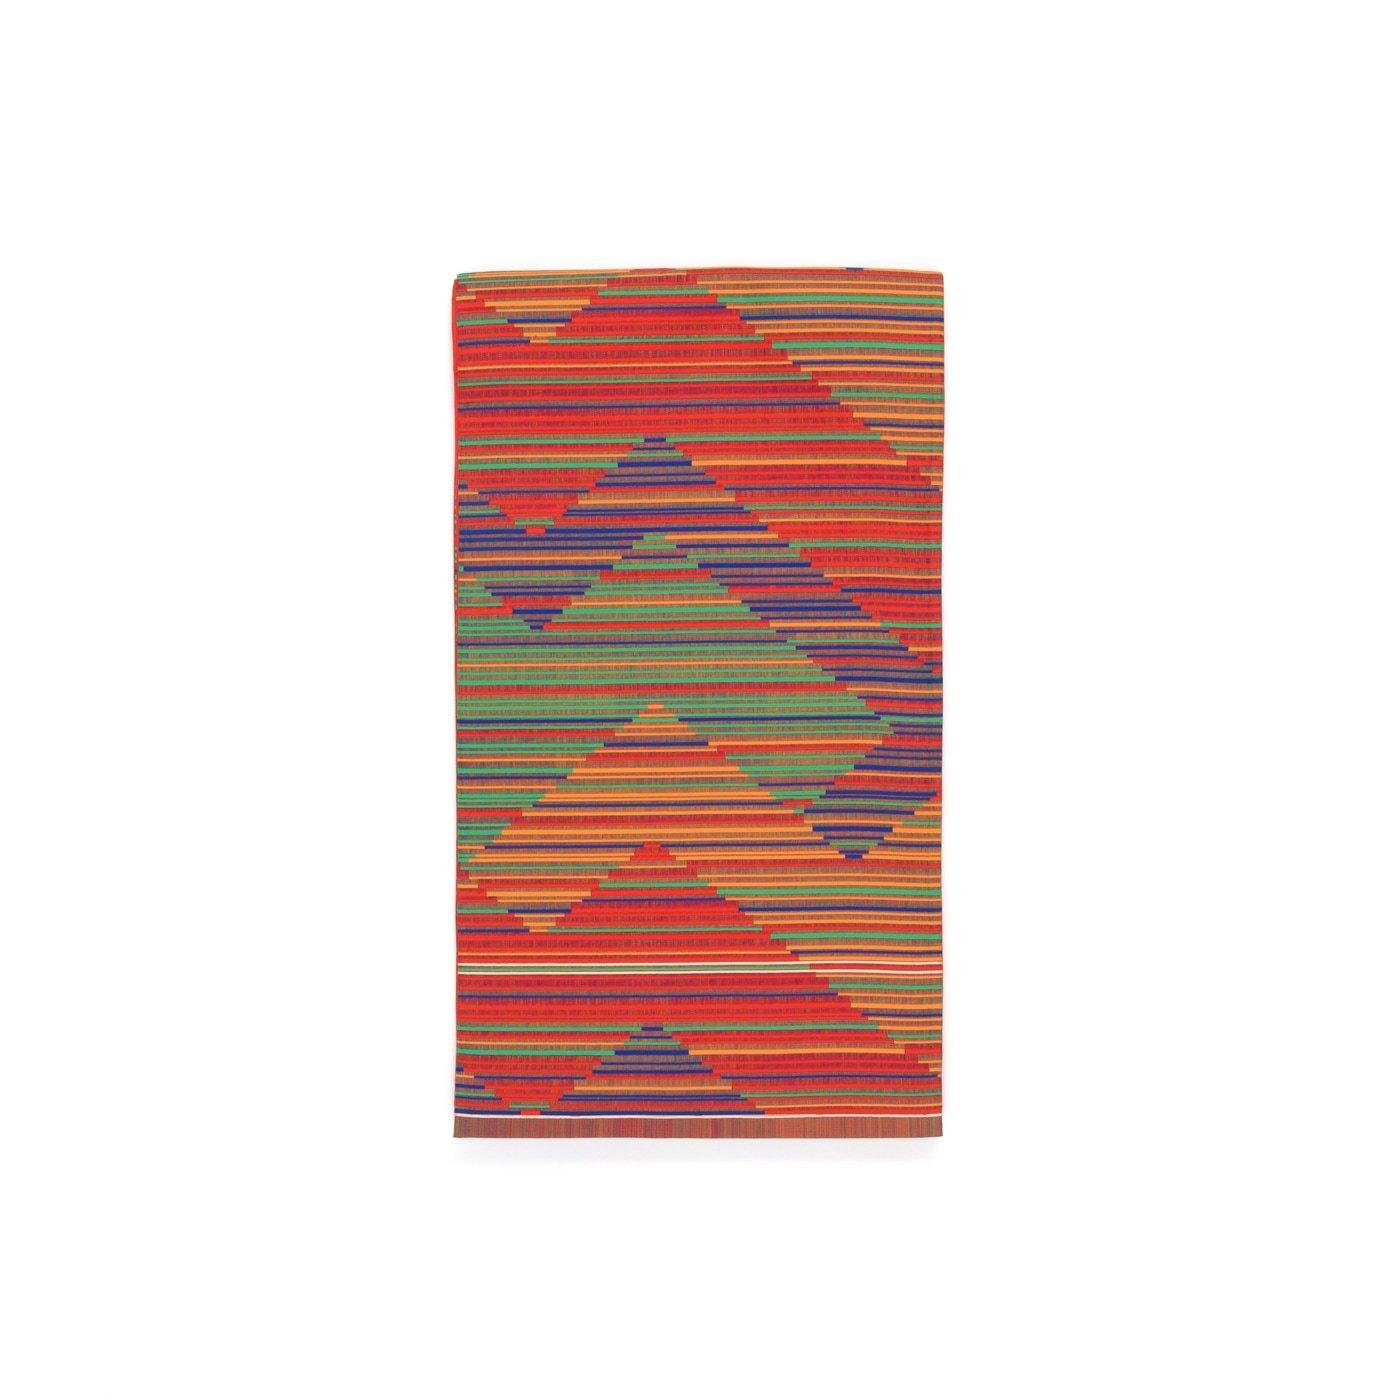 「洒落袋帯●ビビッドカラフルボーダー」の商品画像